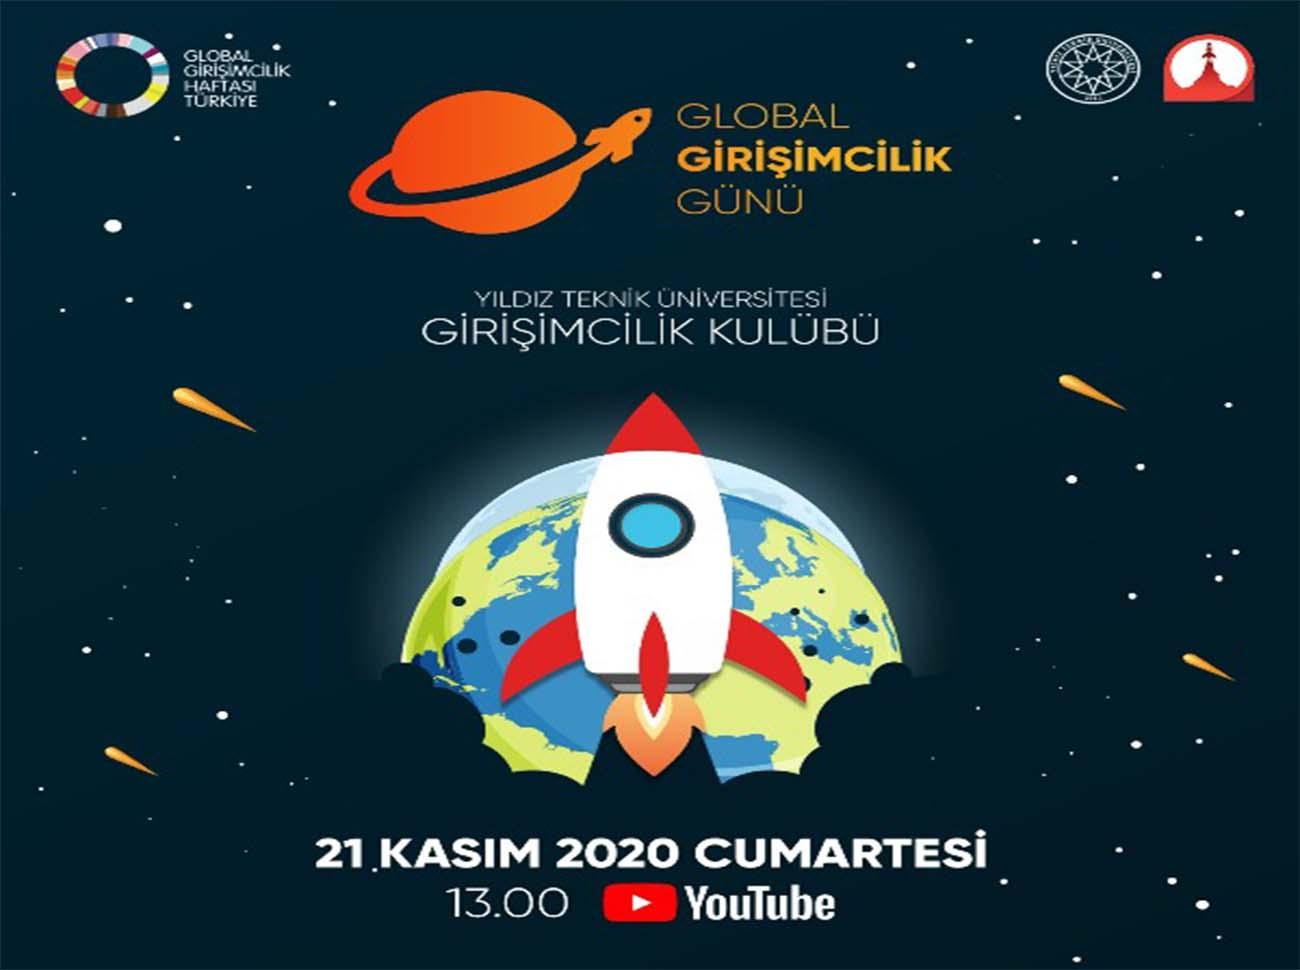 Global Girişimcilik Günü 2020 İçin Geri Sayım